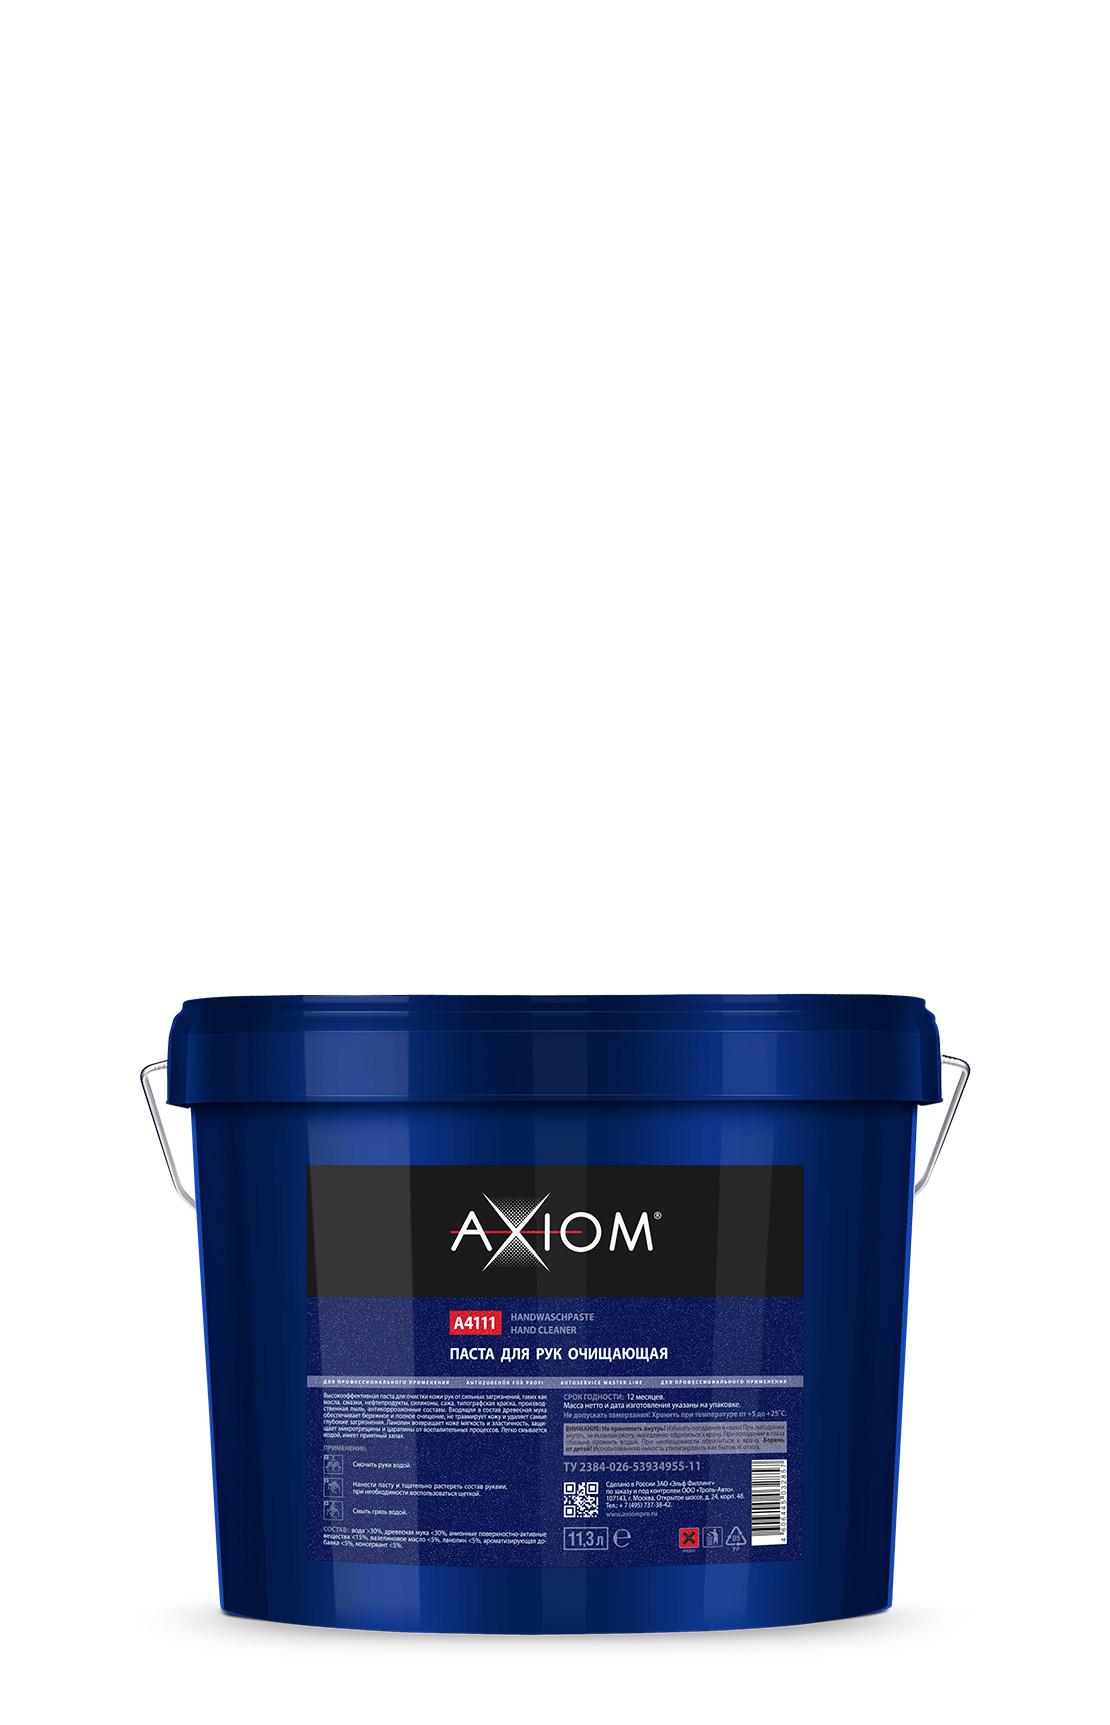 Паста для рук очищающая. AXIOM (A4111)